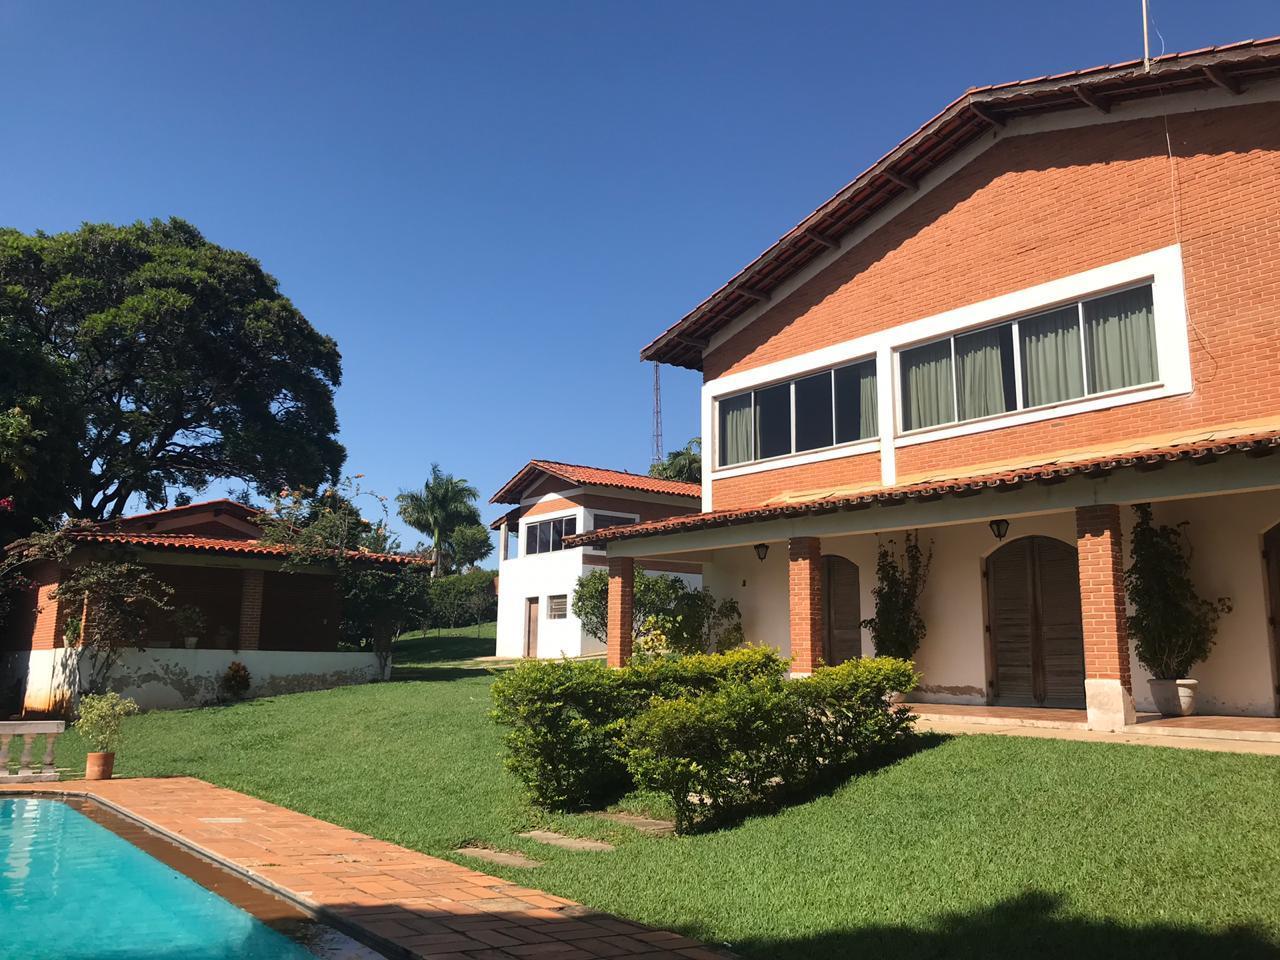 Chácara de 2.500m2 com 4 dormitórios e 1 suite à venda - Colinas do Mosteiro de Itaici - Indaiatuba/SP